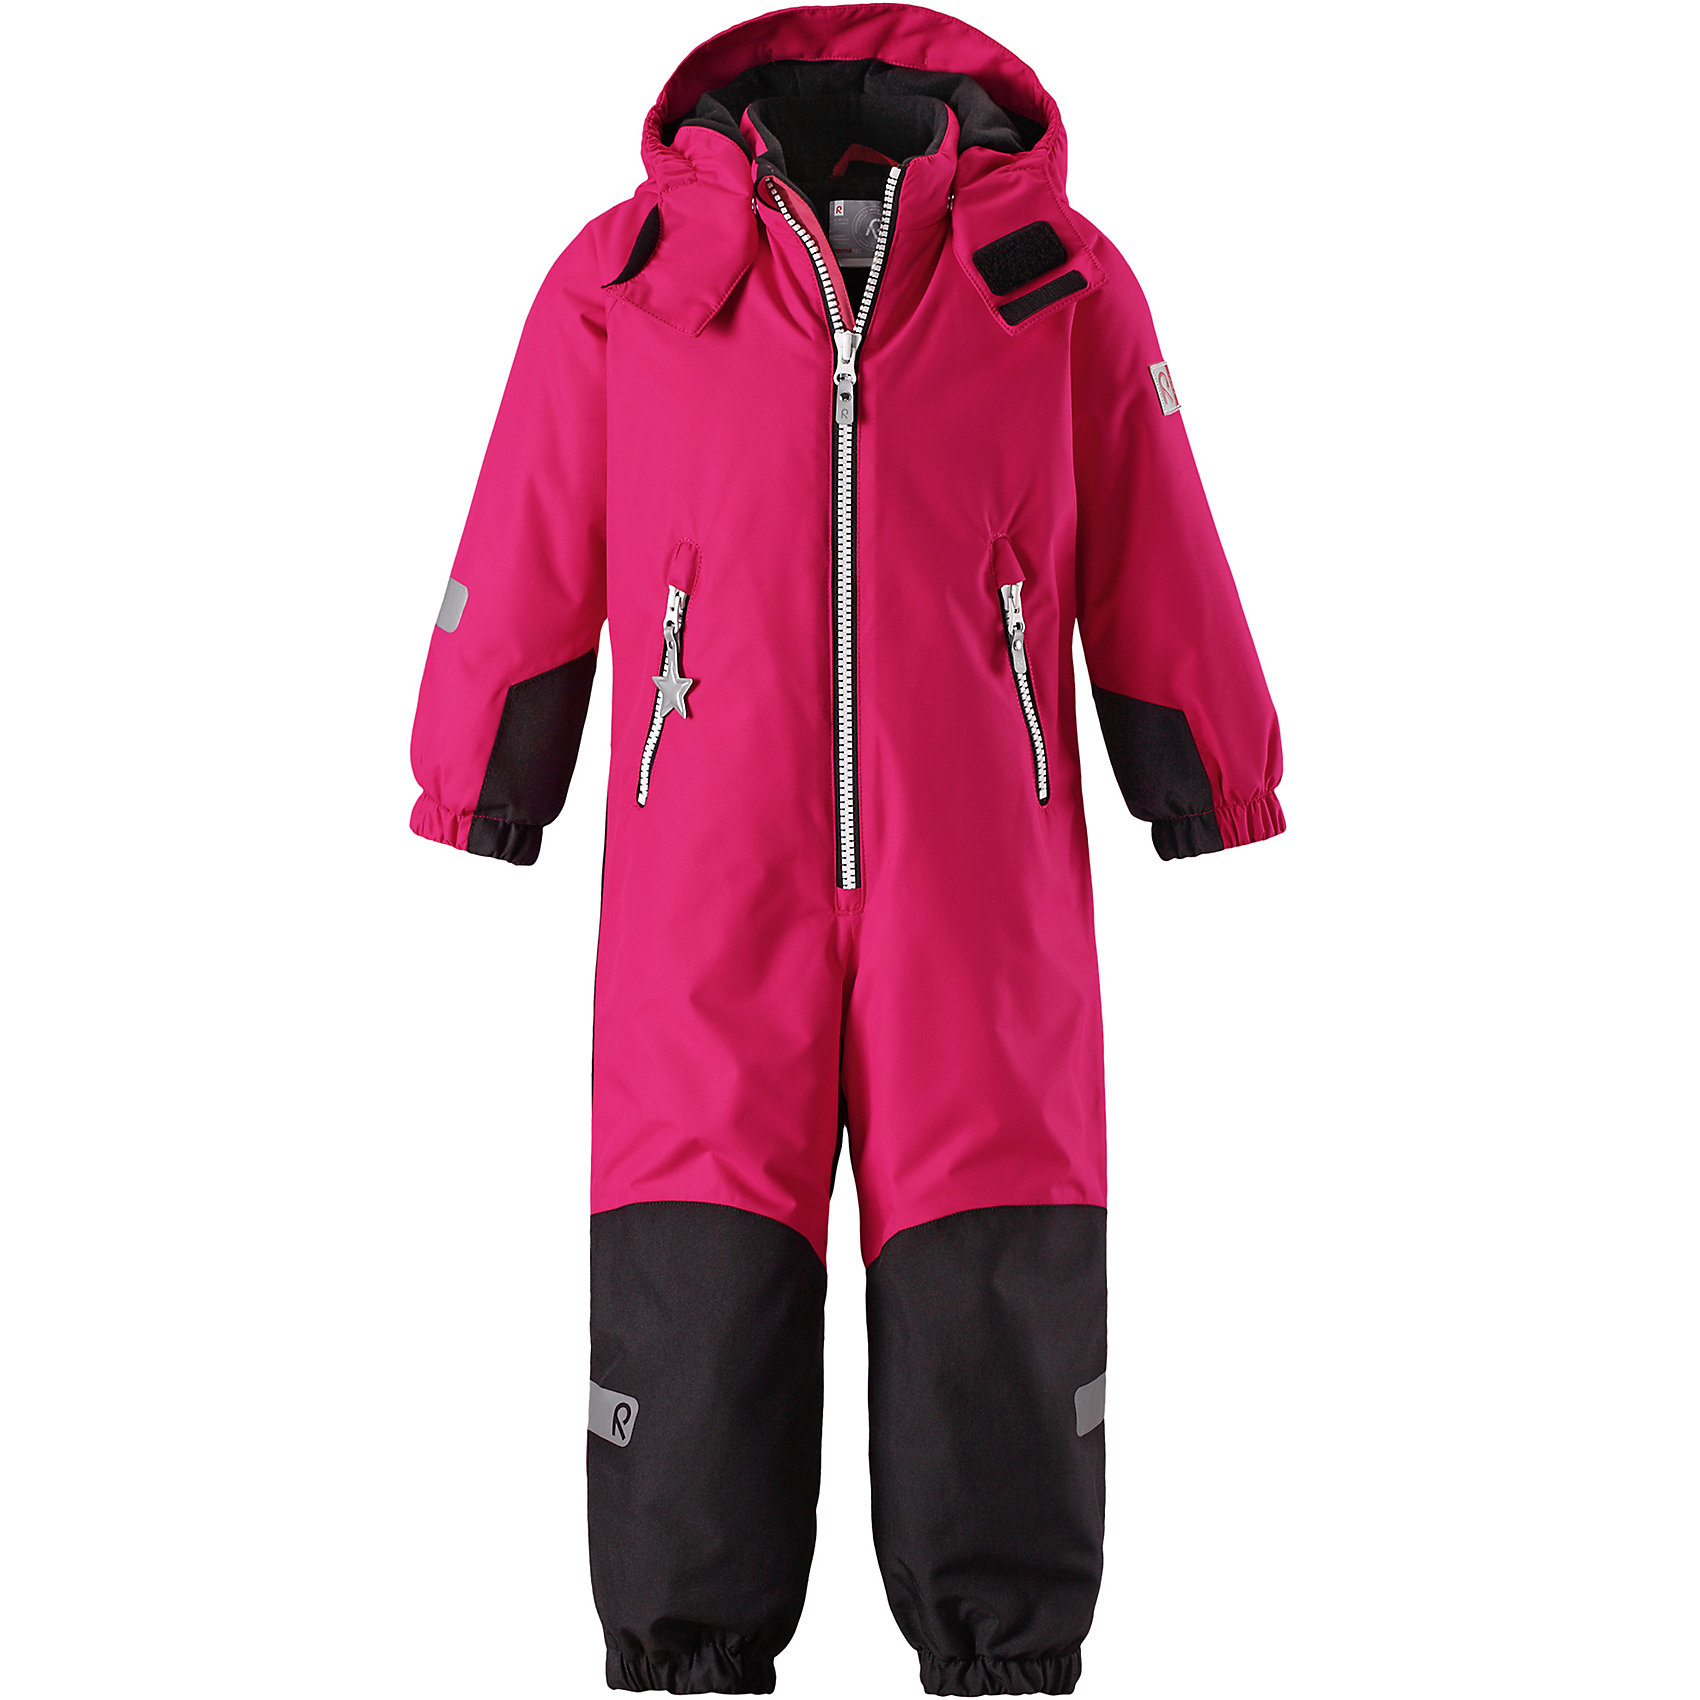 Комбинезон Reimatec® Reima FinnОдежда<br>Характеристики товара:<br><br>• цвет: розовый;<br>• состав: 100% полиэстер;<br>• подкладка: 100% полиэстер;<br>• утеплитель: 160 г/м2<br>• температурный режим: от 0 до -20С;<br>• сезон: зима; <br>• водонепроницаемость: 8000/10000 мм;<br>• воздухопроницаемость: 7000/5000 мм;<br>• износостойкость: 30000/50000 циклов (тест Мартиндейла);<br>• водо- и ветронепроницаемый, дышащий и грязеотталкивающий материал;<br>• все швы проклеены и водонепроницаемы;<br>• прочные усиленные вставки внизу, на коленях и снизу на ногах;<br>• гладкая подкладка из полиэстера;<br>• мягкая резинка на кромке капюшона и манжетах;<br>• застежка: молния с защитой подбородка;<br>• безопасный съемный капюшон на кнопках;<br>• внутренняя регулировка обхвата талии;<br>• прочные съемные силиконовые штрипки;<br>• два кармана на молнии;<br>• светоотражающие детали;<br>• страна бренда: Финляндия;<br>• страна изготовитель: Китай.<br><br>Зимний комбинезон Reimatec® Kiddo изготовлен из водо и ветронепроницаемого материала с водо и грязеотталкивающей поверхностью. Все швы проклеены, водонепроницаемы. В комбинезоне предусмотрены прочные усиления на задней части, коленях и концах брючин. В этом комбинезоне прямого кроя талия при необходимости легко регулируется, что позволяет подогнать его точно по фигуре. <br><br>Съемный капюшон защищает от пронизывающего ветра, а еще он безопасен во время игр на свежем воздухе. Кнопки легко отстегиваются, если капюшон случайно за что-нибудь зацепится. Силиконовые штрипки не дают концам брючин задираться, бегай сколько хочешь! Образ довершает мягкая резинка по краю капюшона и на манжетах, два кармана на молнии и светоотражающие детали.<br><br>Комбинезон Finn Reimatec® Reima от финского бренда Reima (Рейма) можно купить в нашем интернет-магазине.<br><br>Ширина мм: 356<br>Глубина мм: 10<br>Высота мм: 245<br>Вес г: 519<br>Цвет: розовый<br>Возраст от месяцев: 18<br>Возраст до месяцев: 24<br>Пол: Унисекс<br>Возраст: Детский<br>Размер: 92,140,1